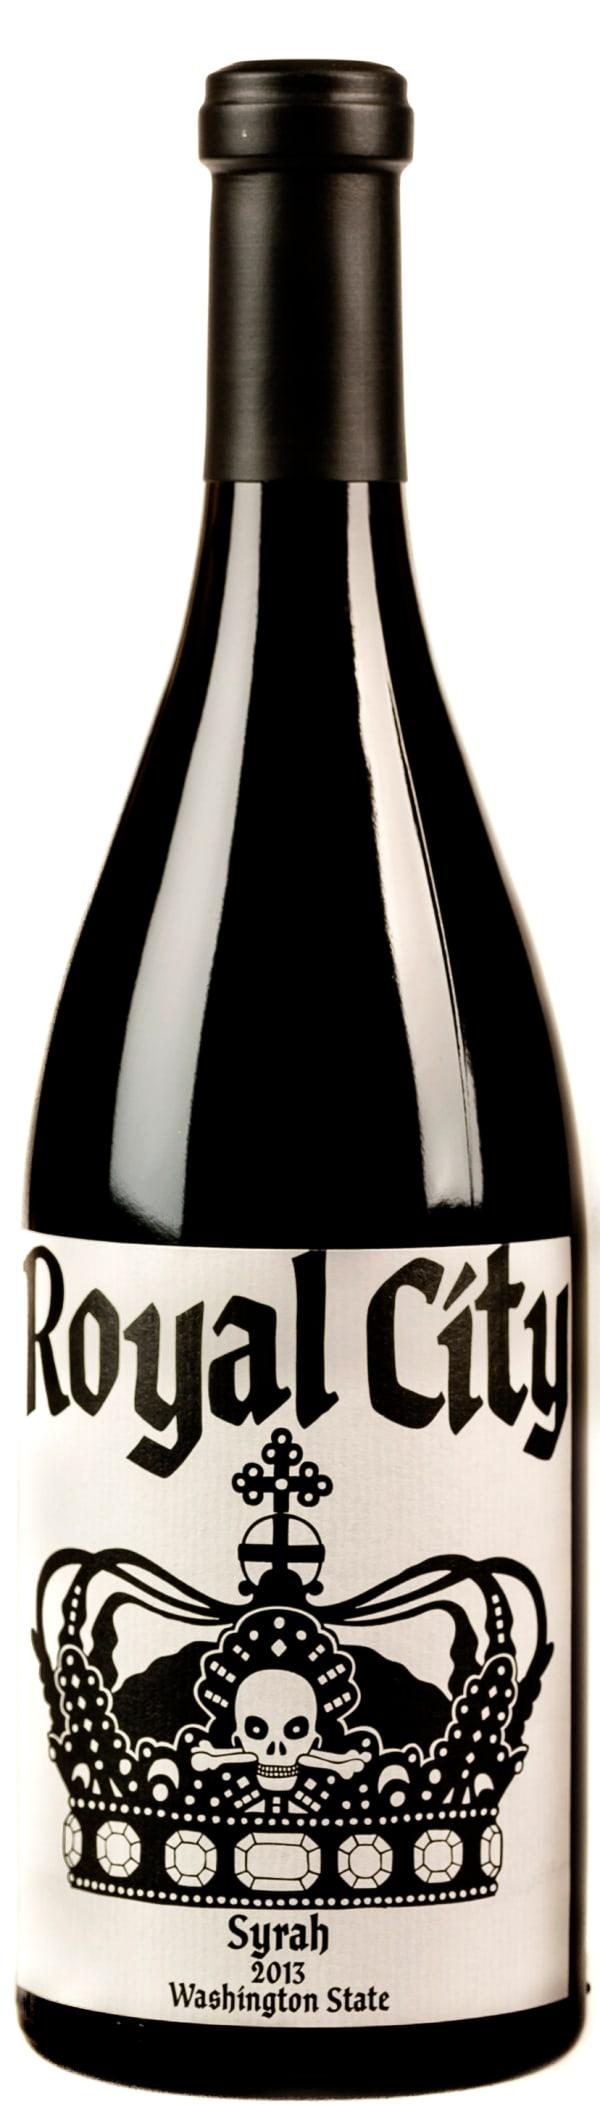 Royal City Syrah 2013